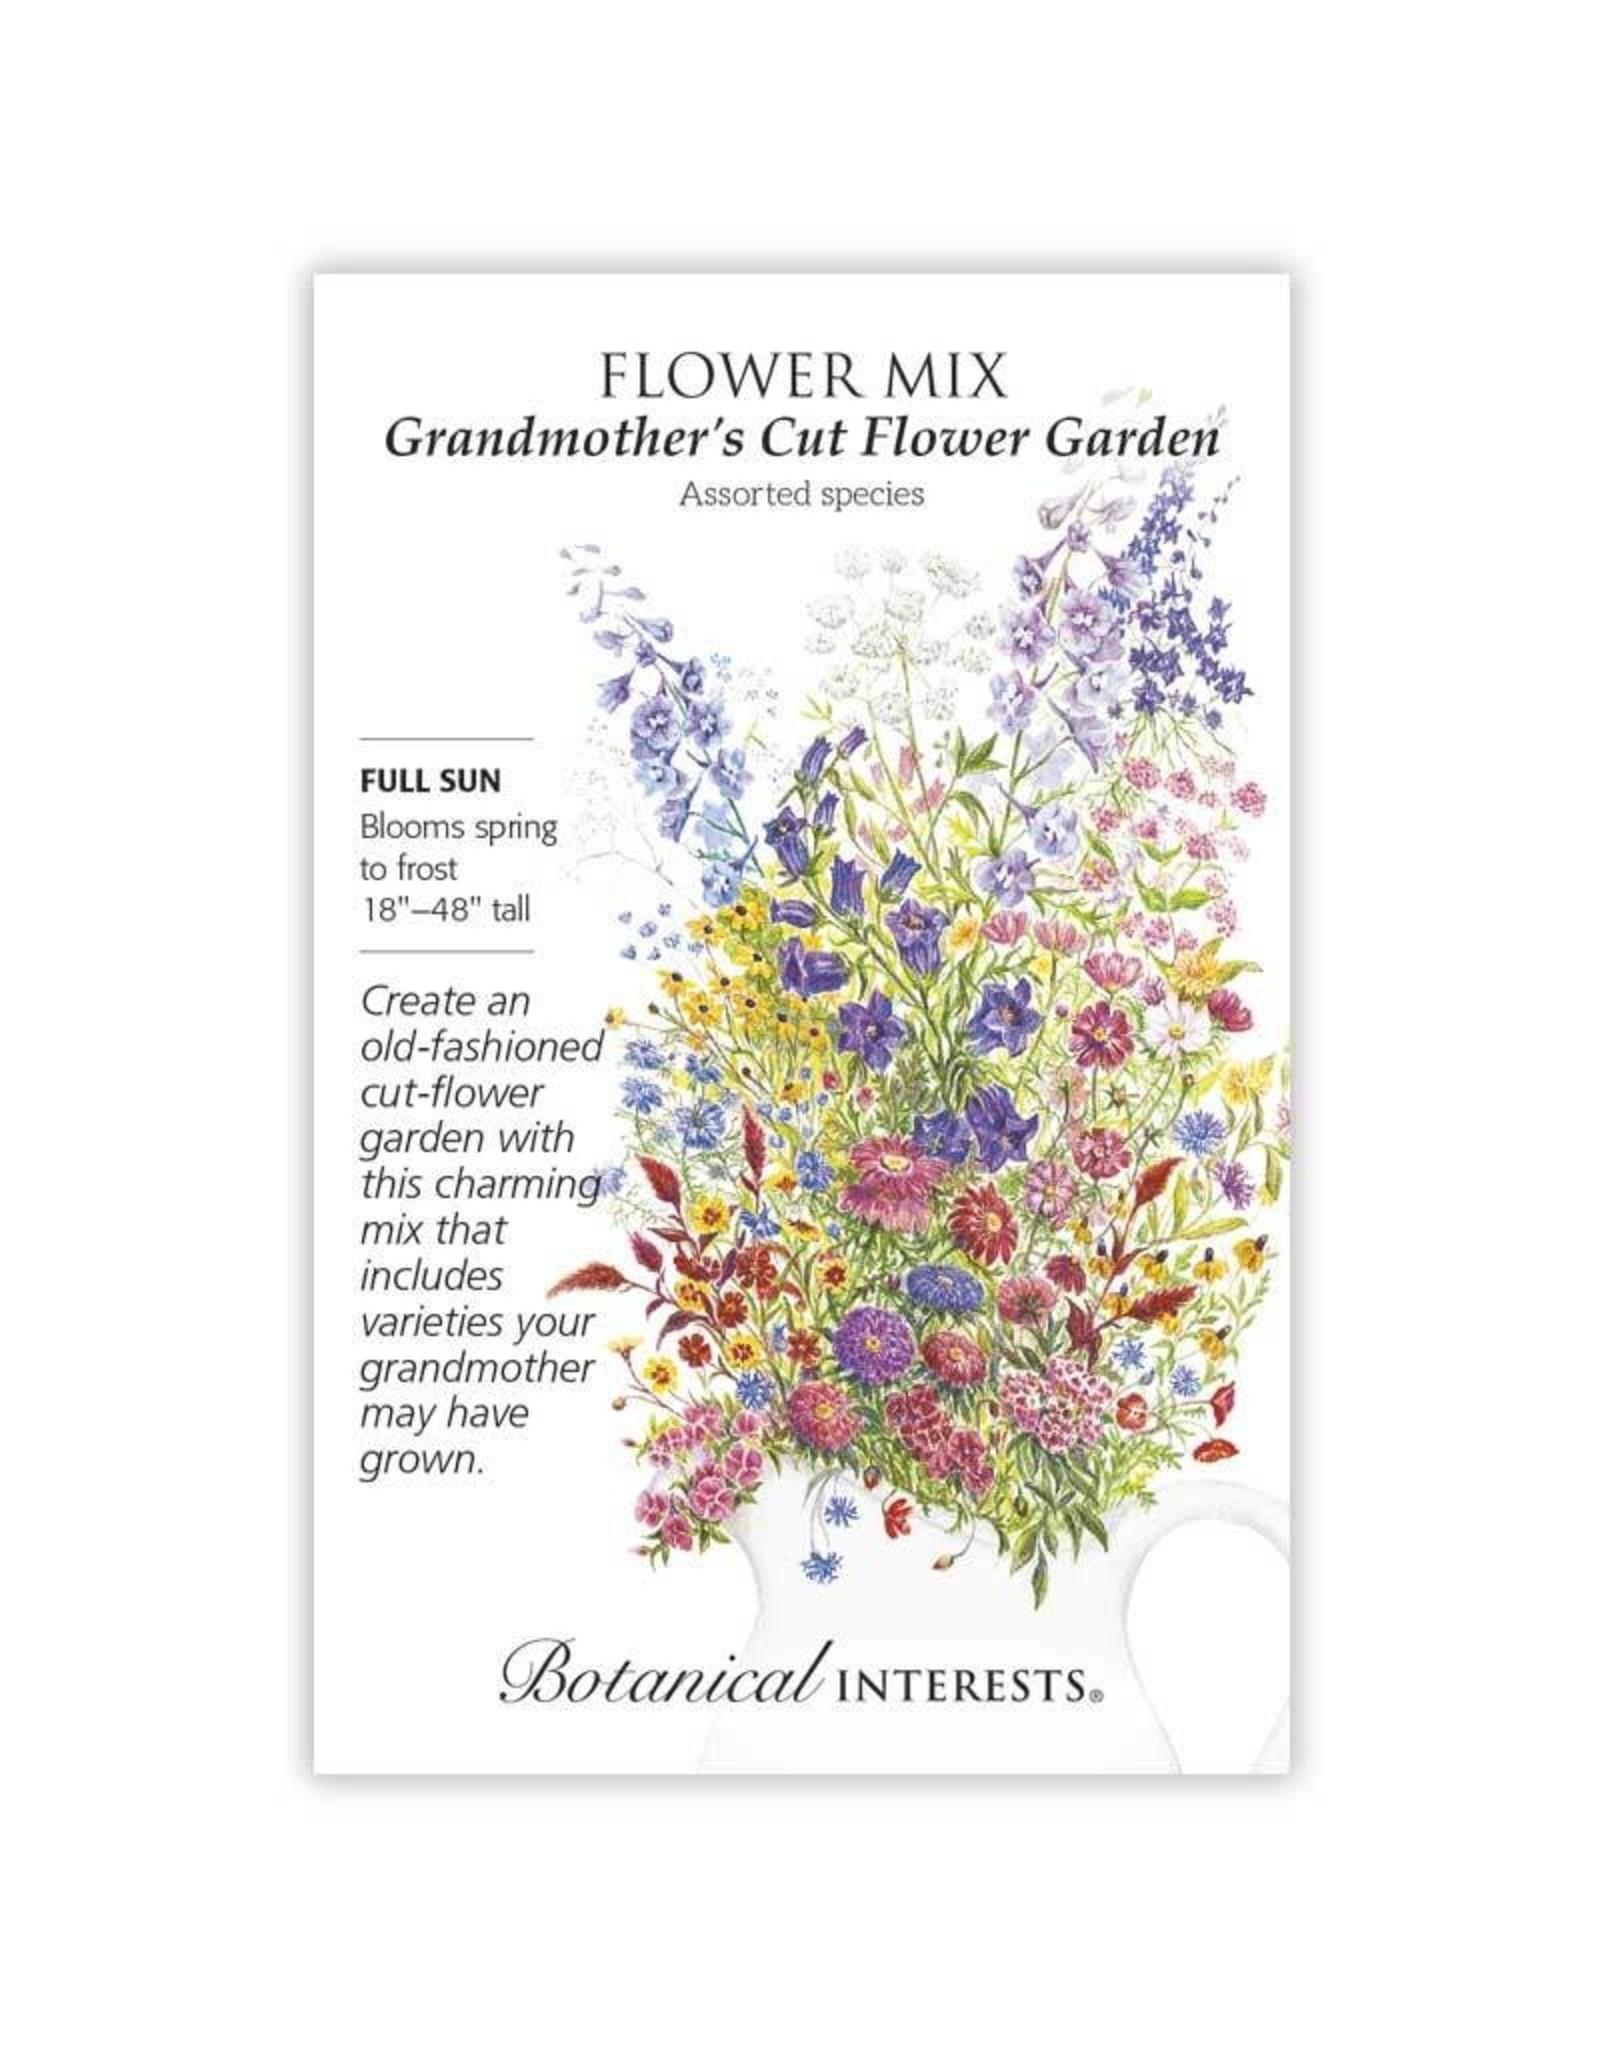 Seeds - Flower Mix Grandmother's Cut Flower Garden